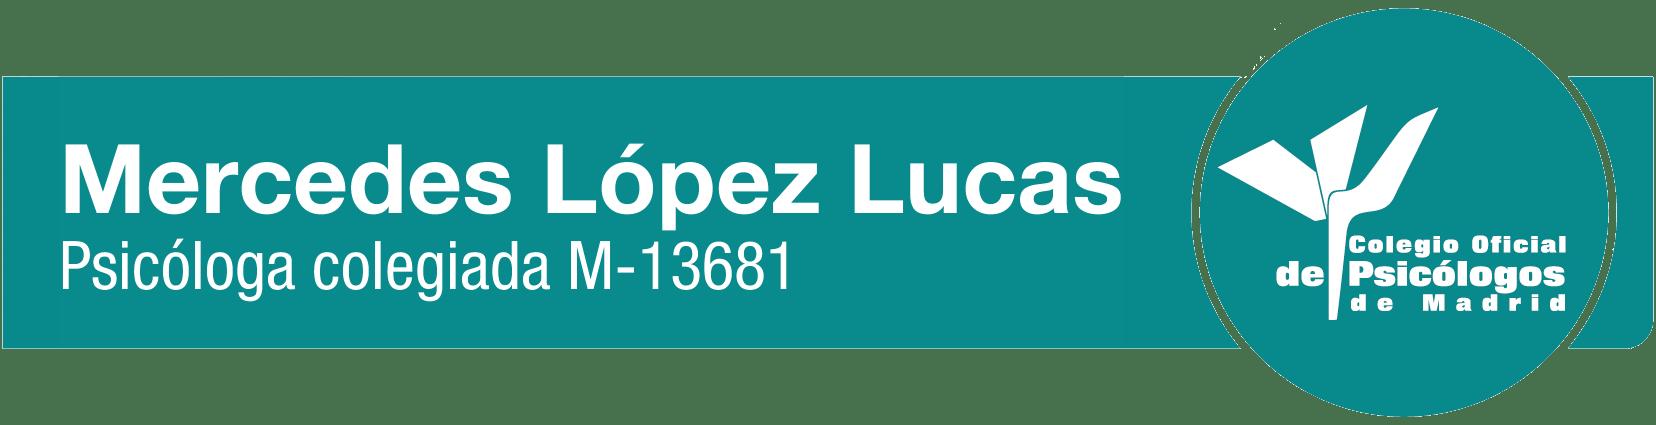 Mercedes López Lucas Psicóloga Colegiada en el Colegio Oficial de la Psicología de Madrid, España